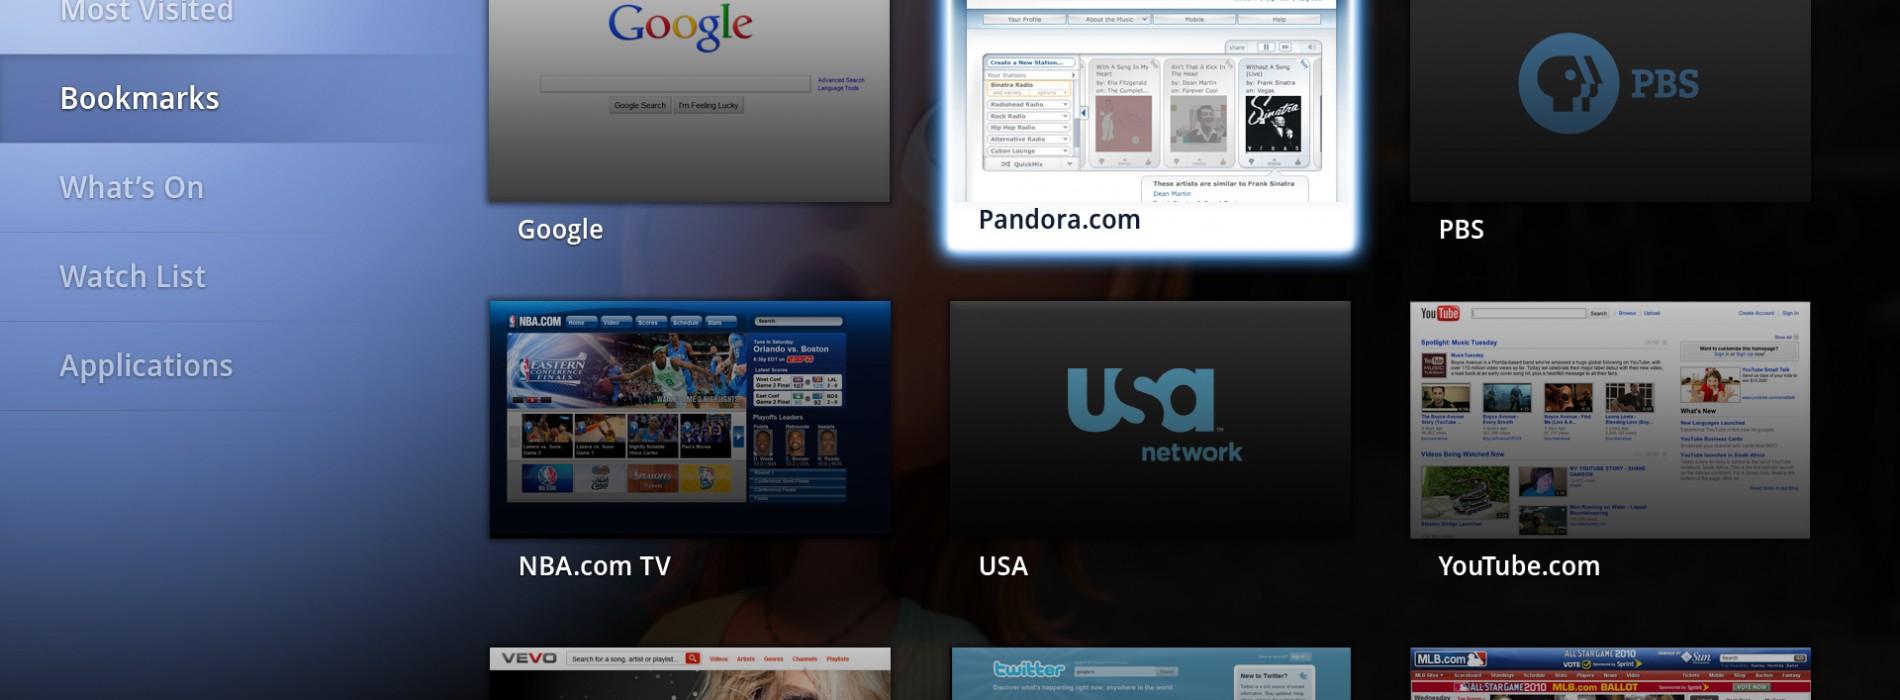 Google TV 3.1 is coming next week!